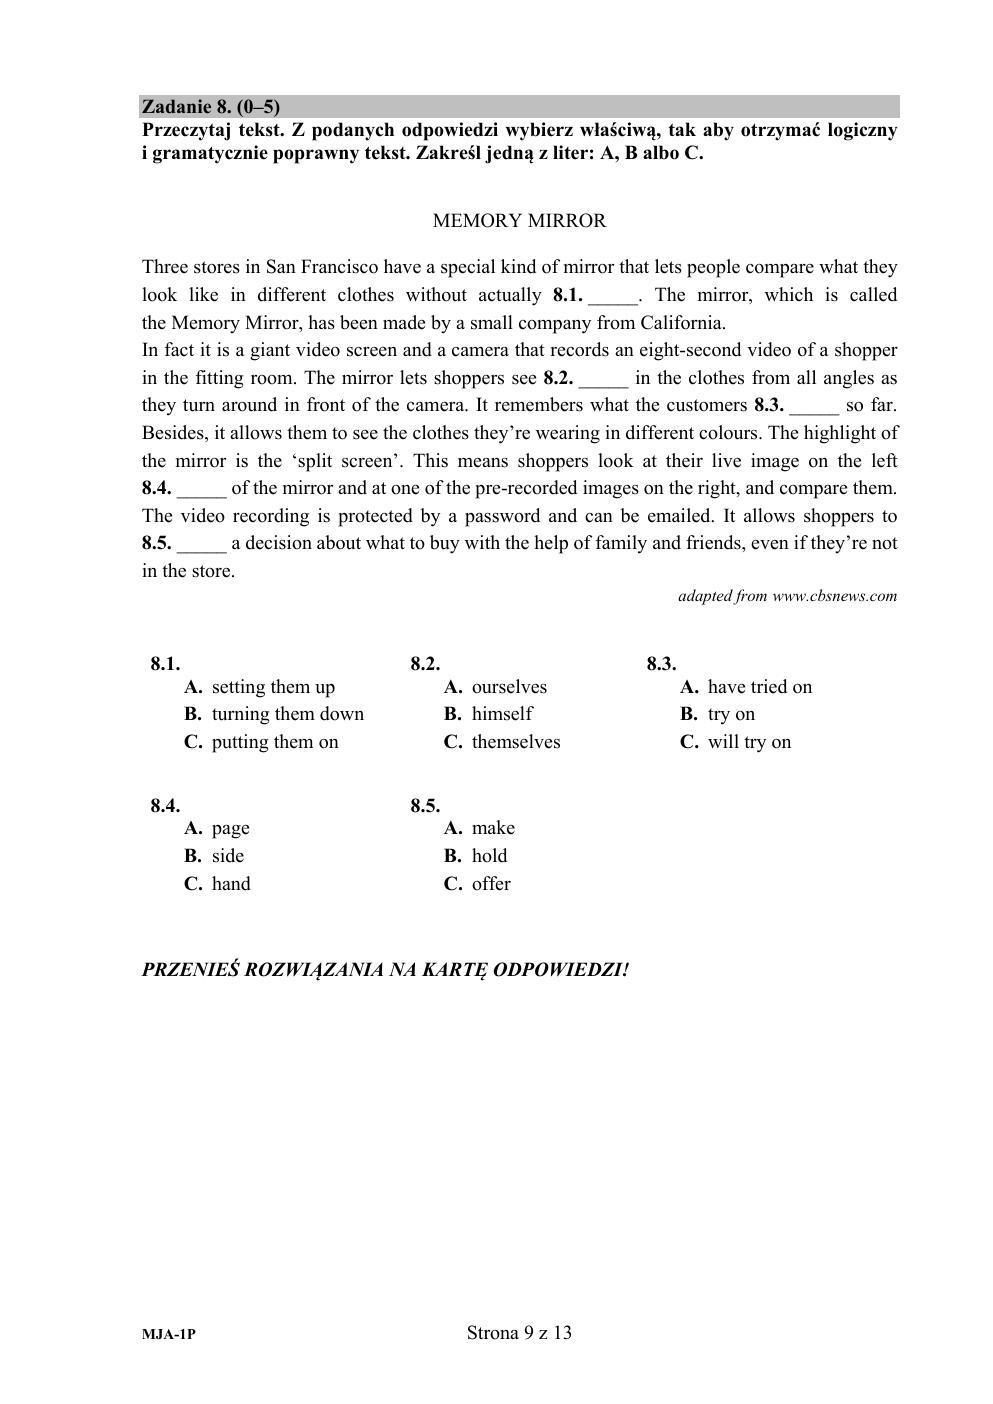 matura 2011 angielski podstawowy odpowiedzi